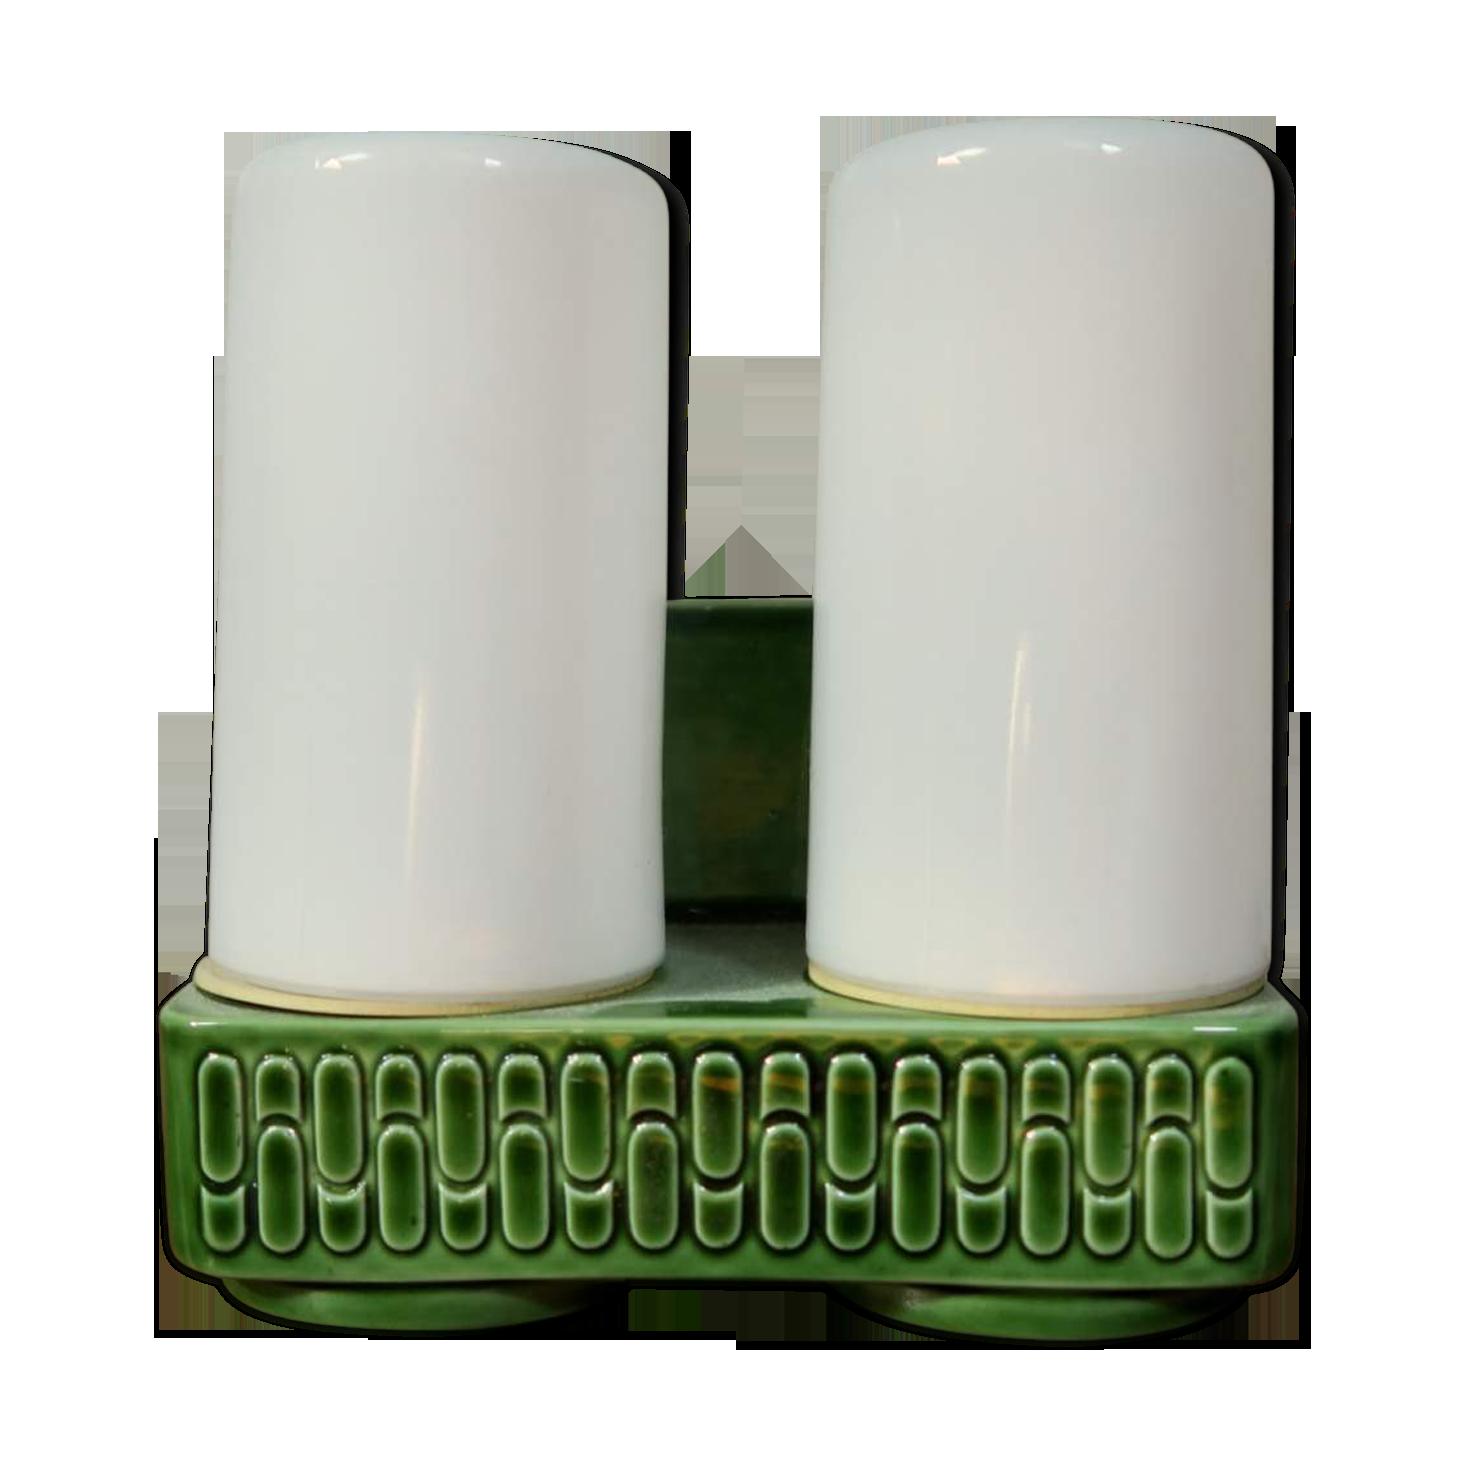 Applique en porcelaine céramique de philips céramique